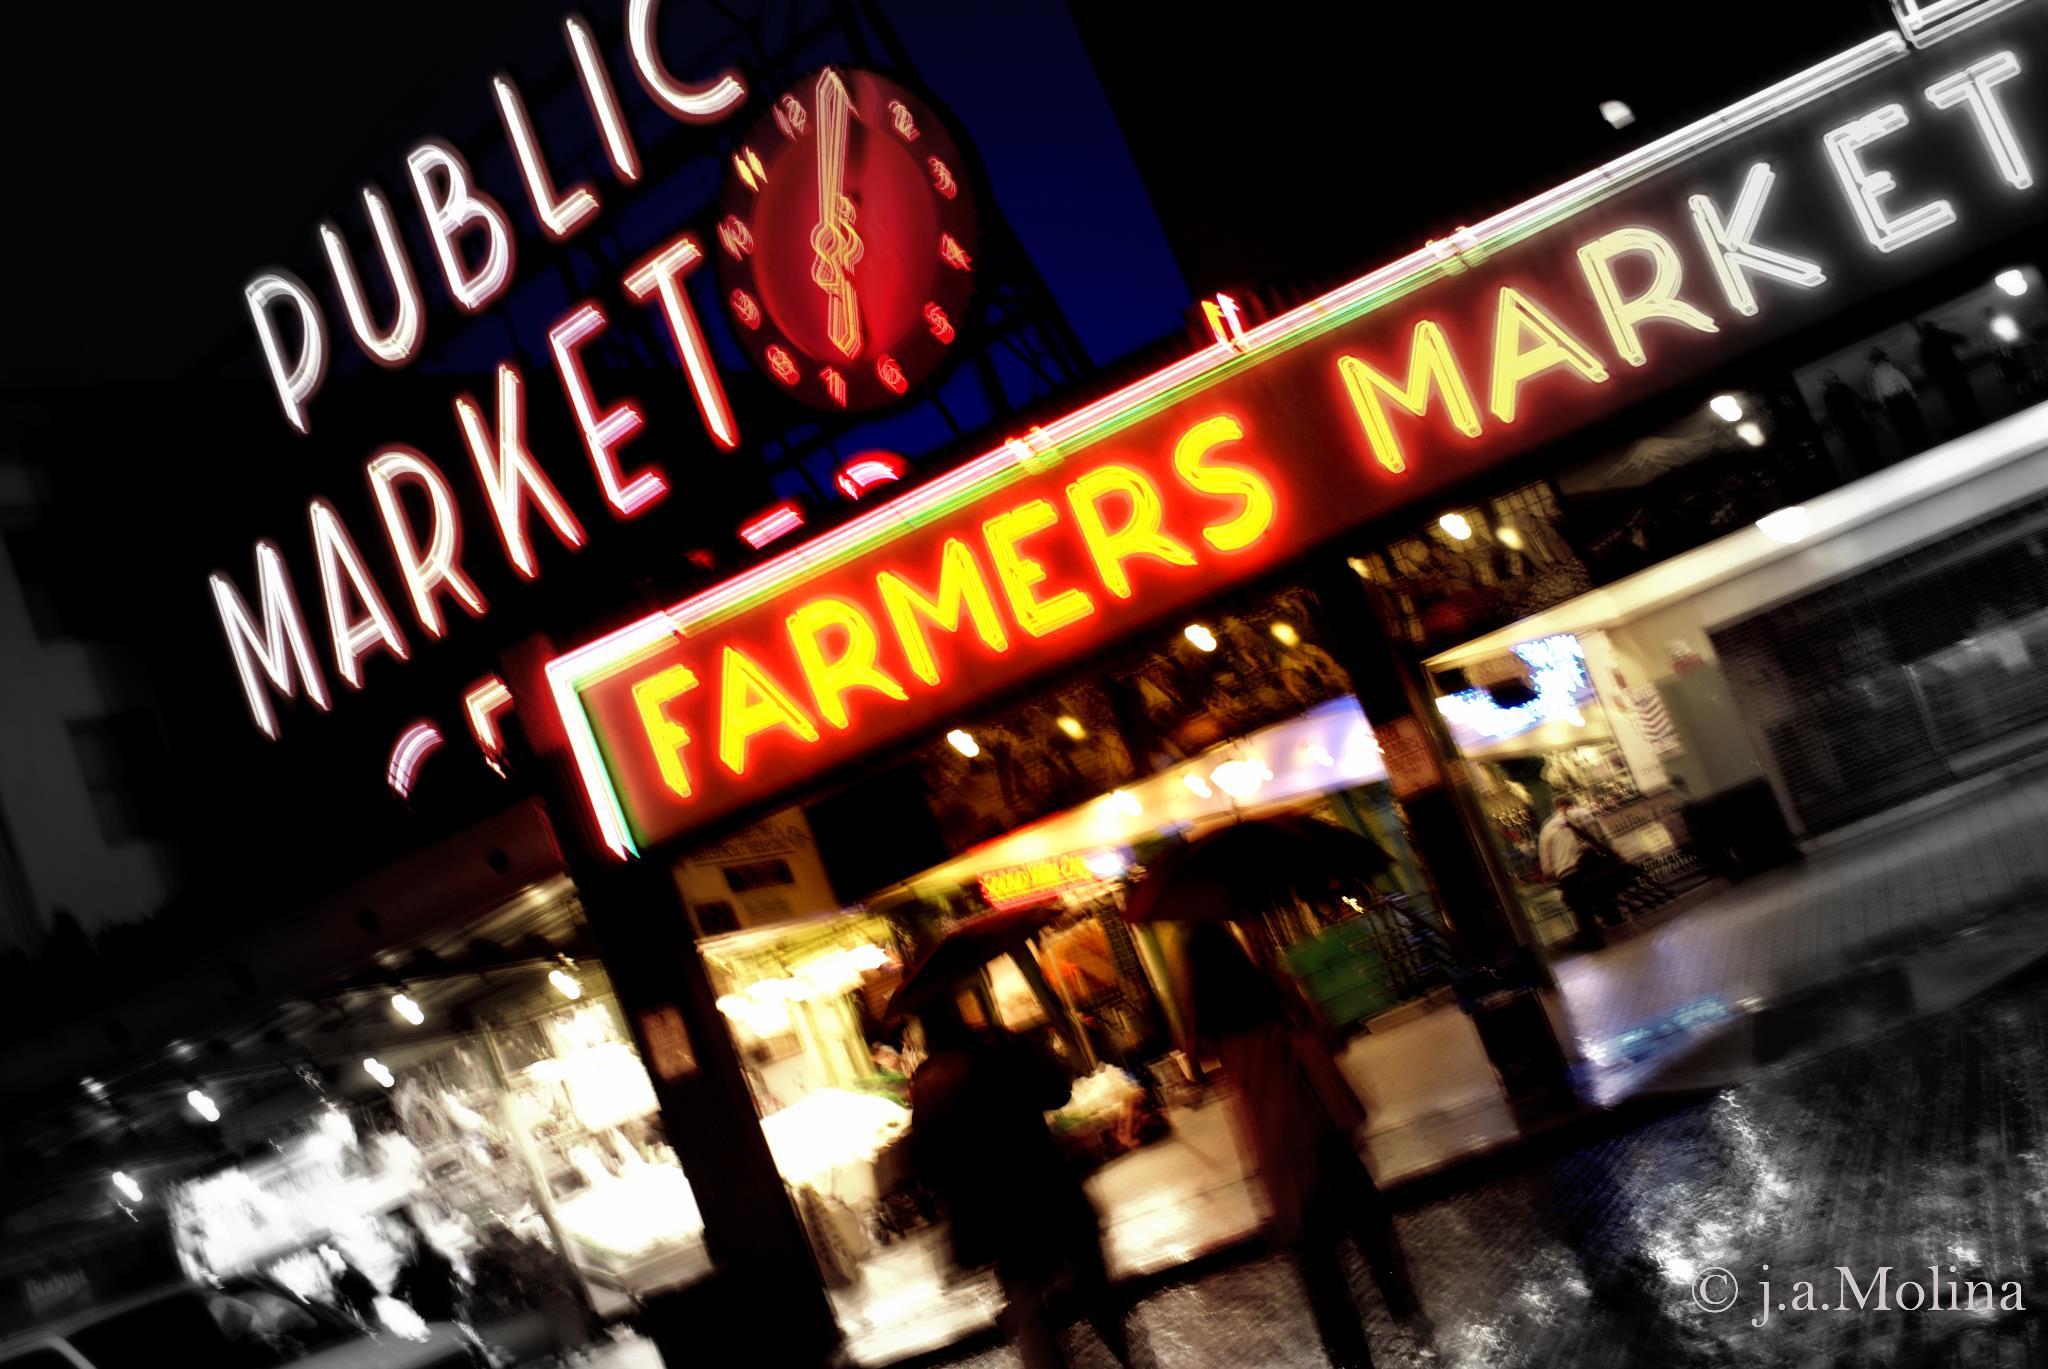 Jamolina pike place market